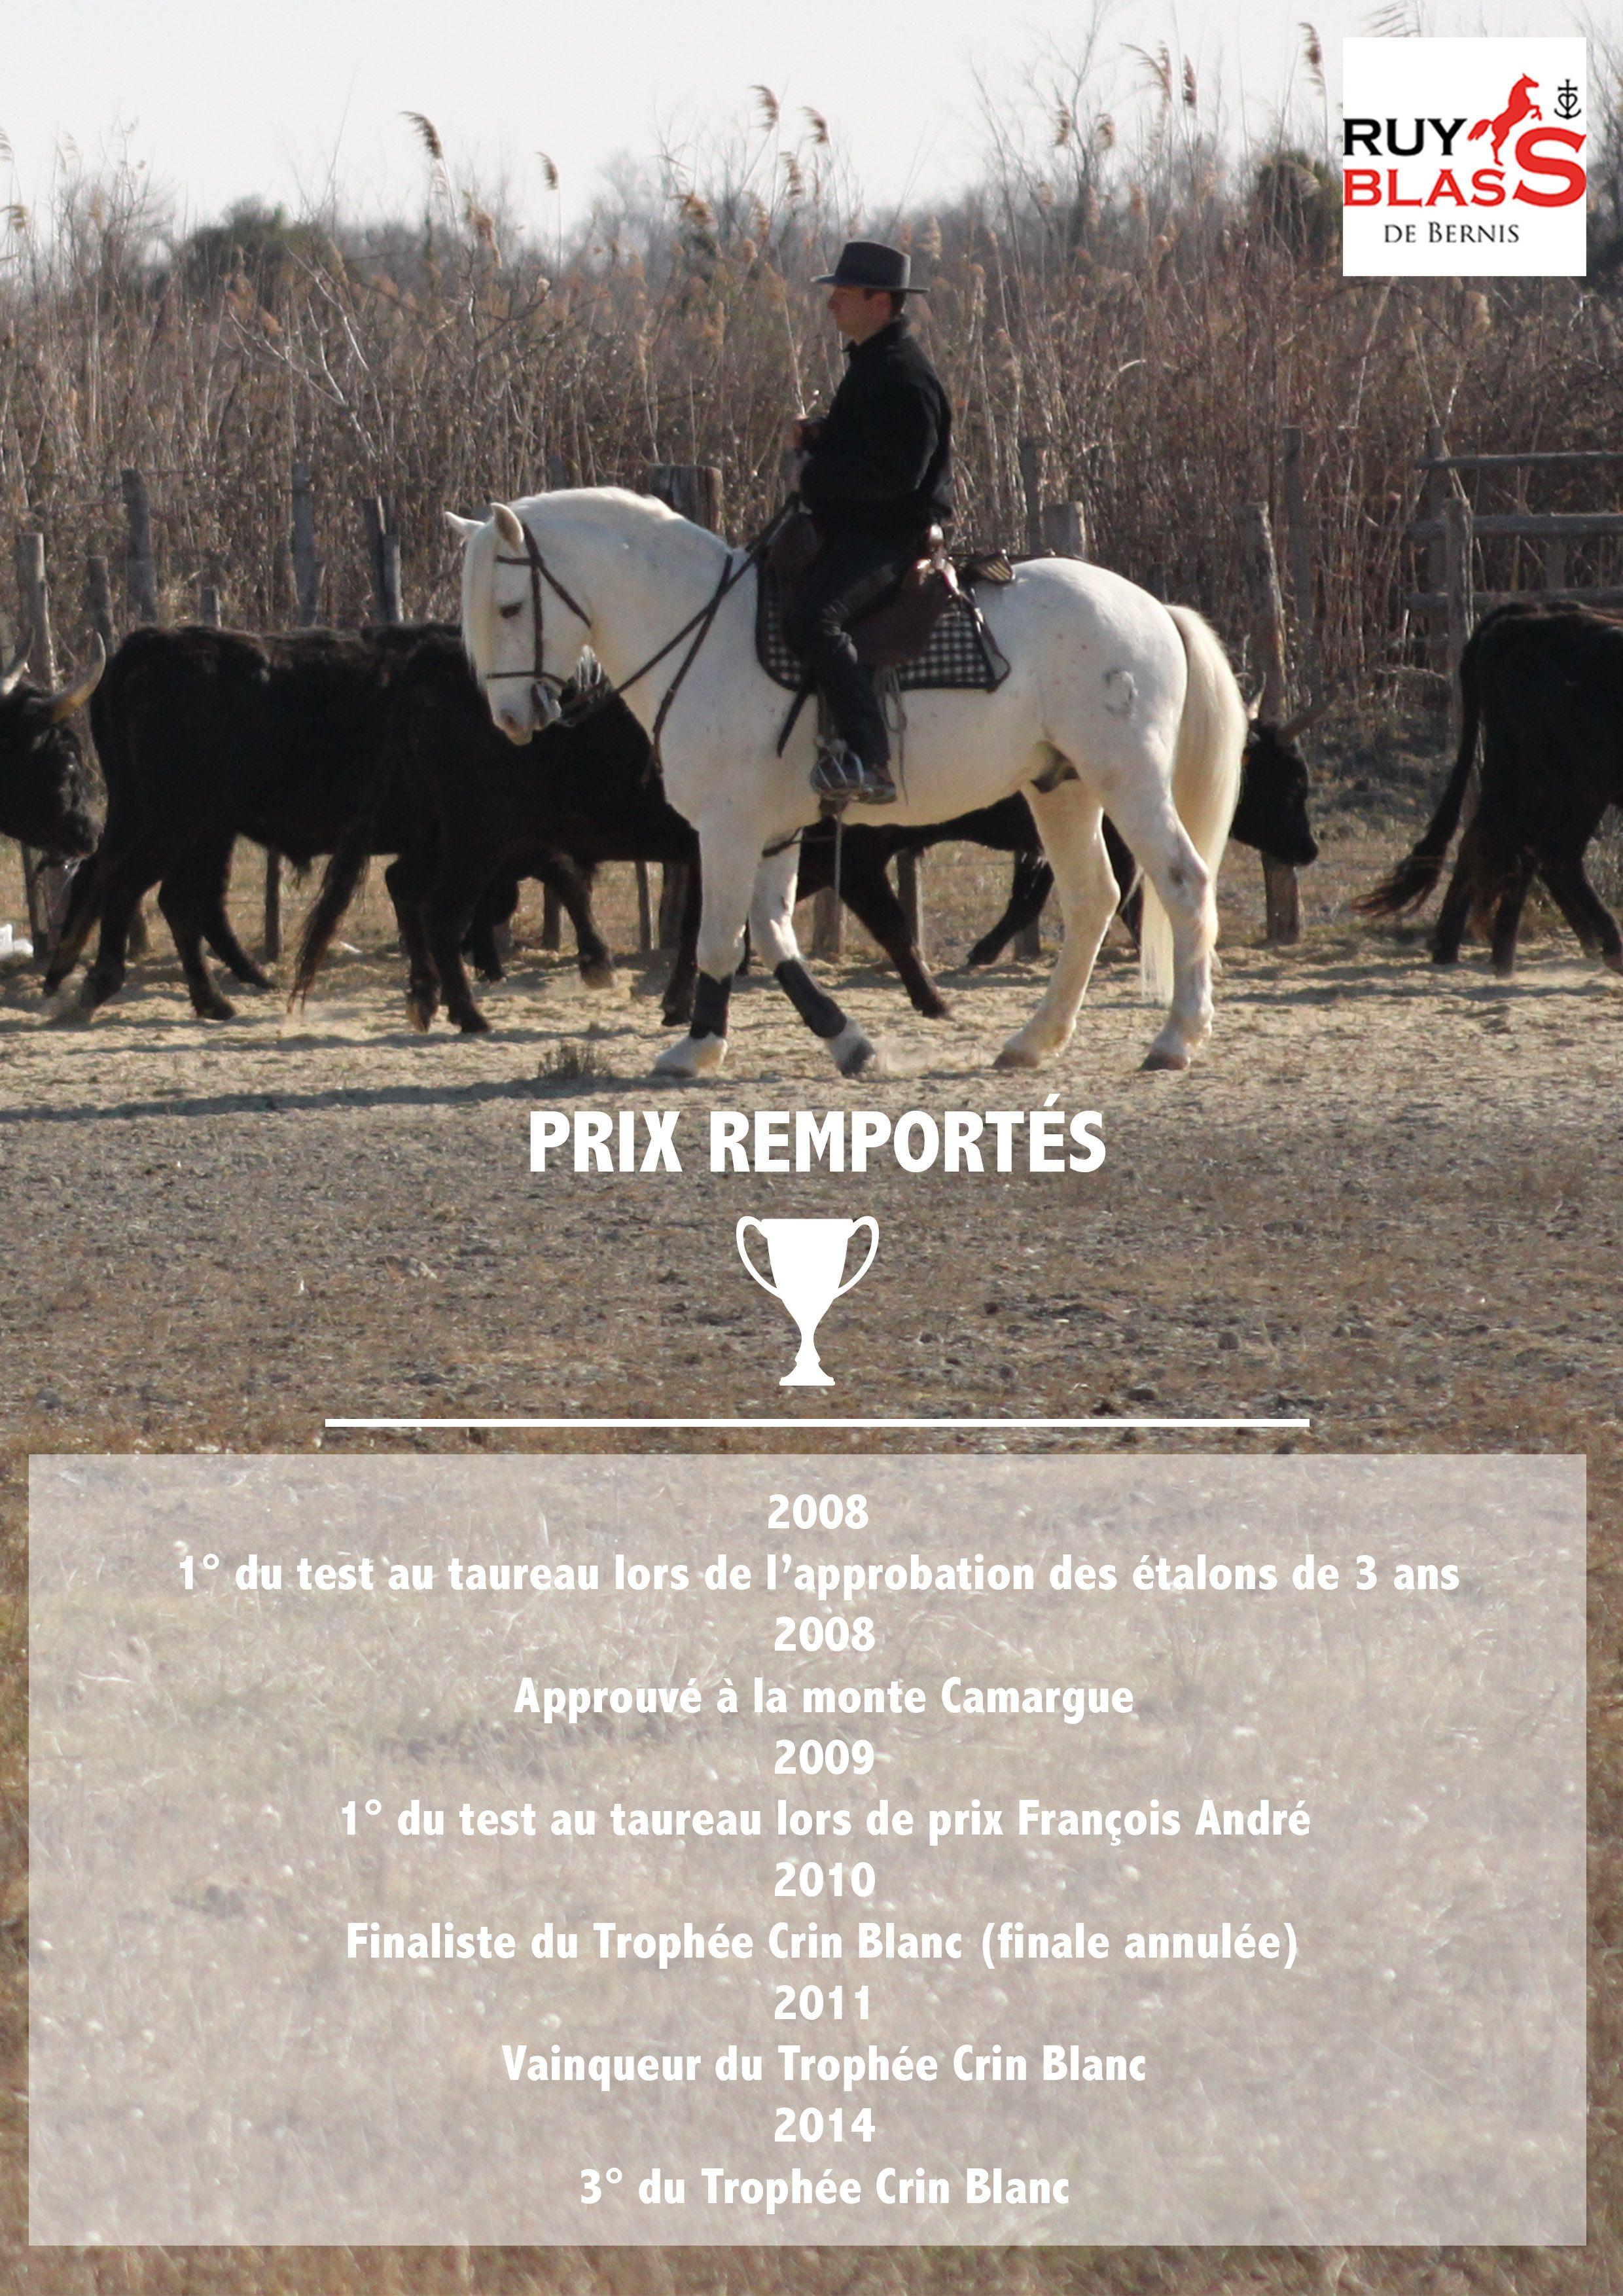 Prix de Ruy Blass de Bernis #horse #camargue #champion http://www.chevalcamargue.fr/evenements-et-prix/